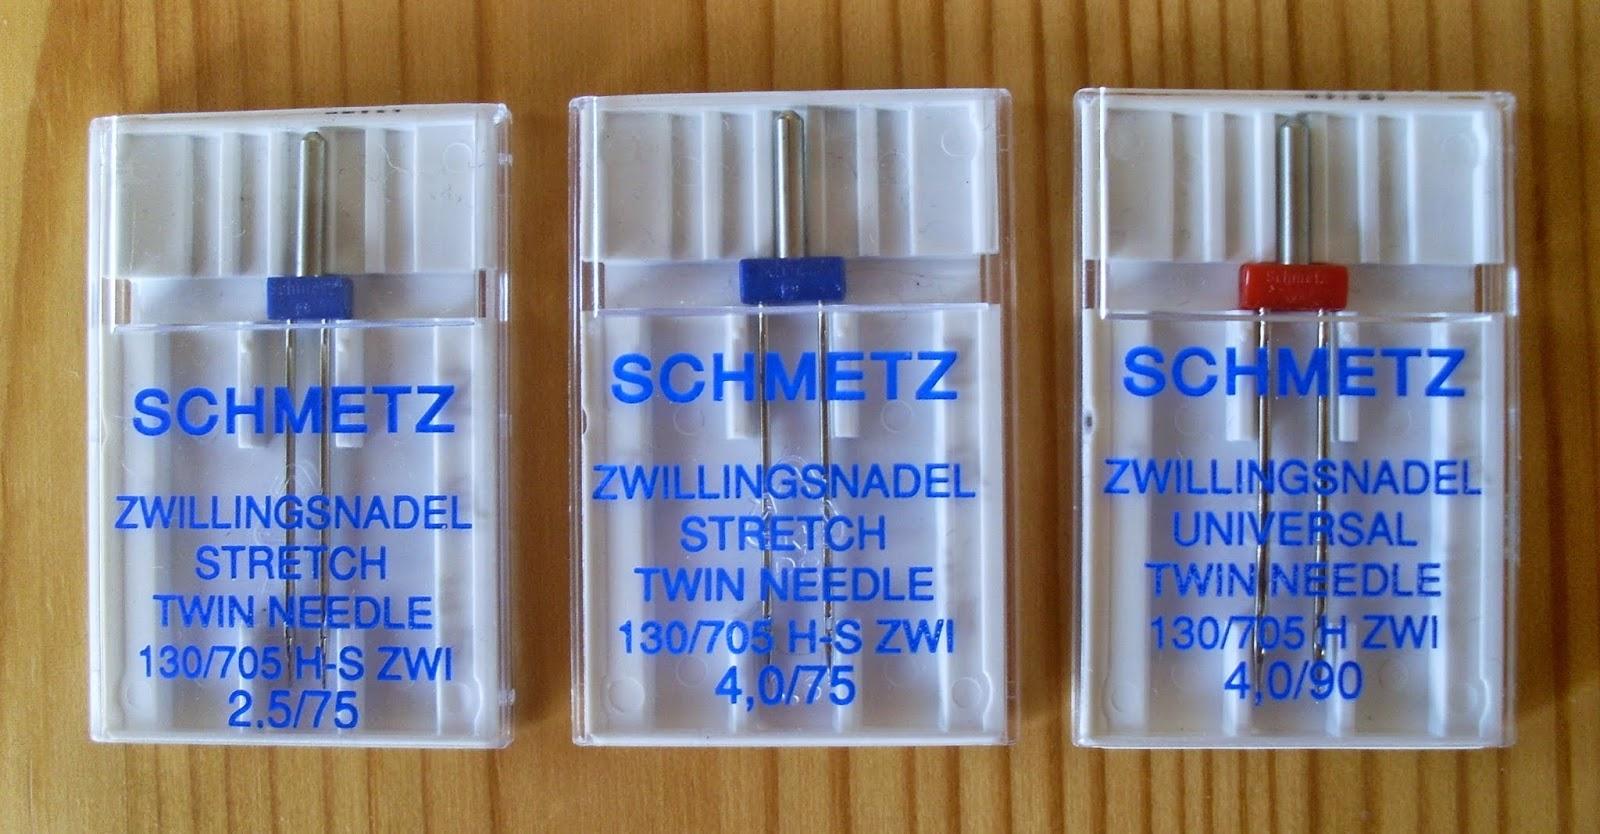 http://chaozmieze.blogspot.de/2014/08/tutorial-nahen-mit-der-zwillingsnadel.html